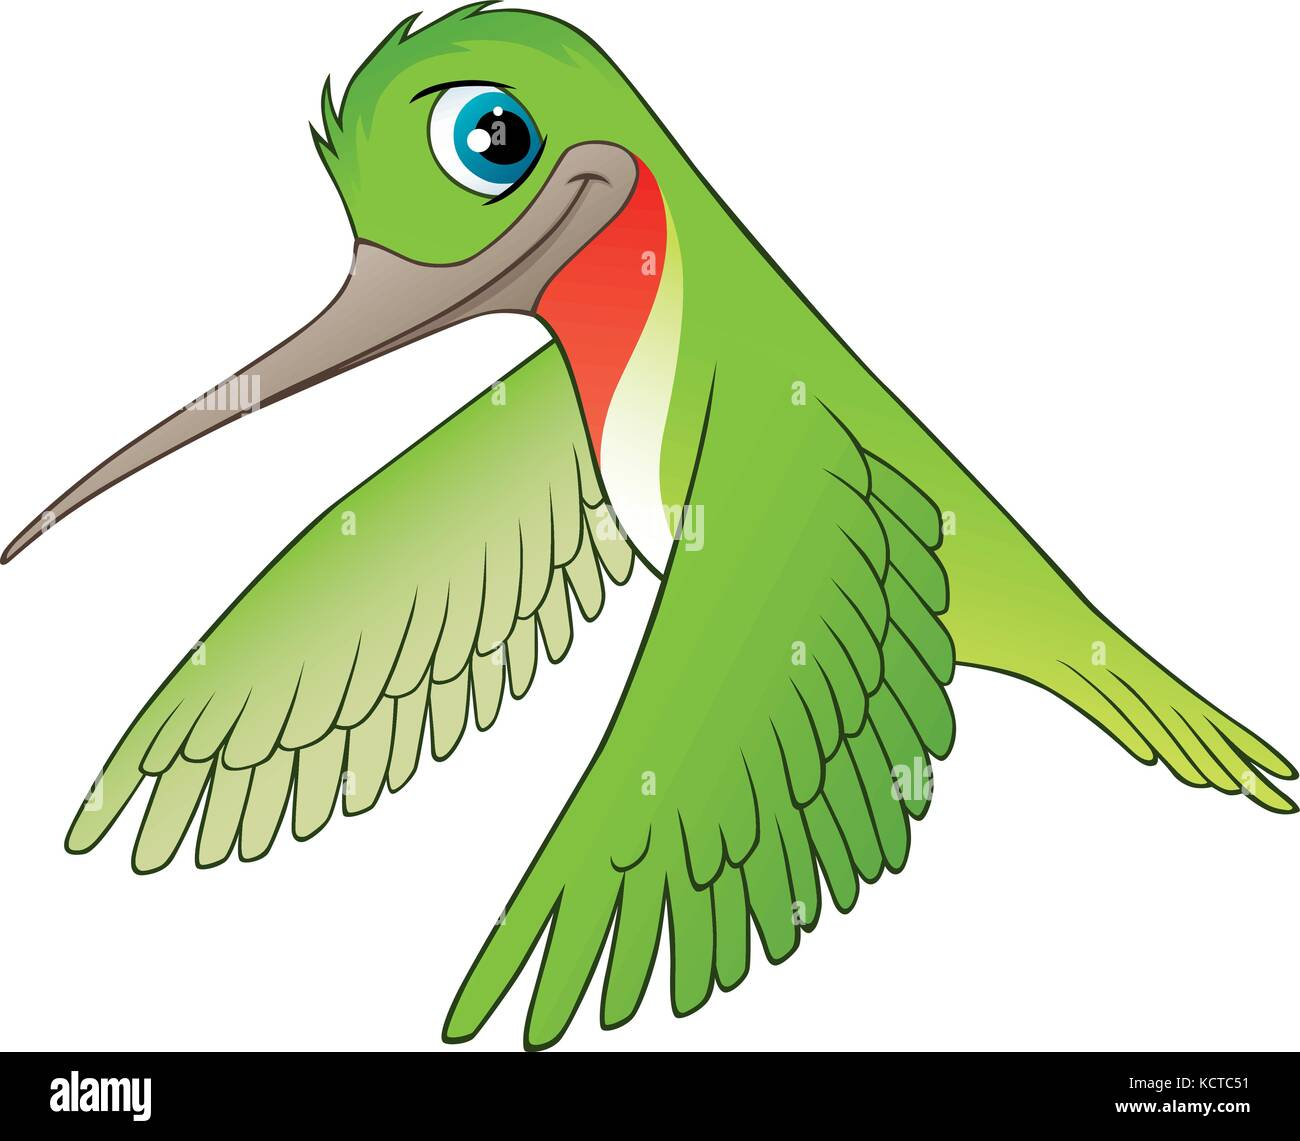 Hummingbird Cartoon Vector Illustration Stockfotos & Hummingbird ...